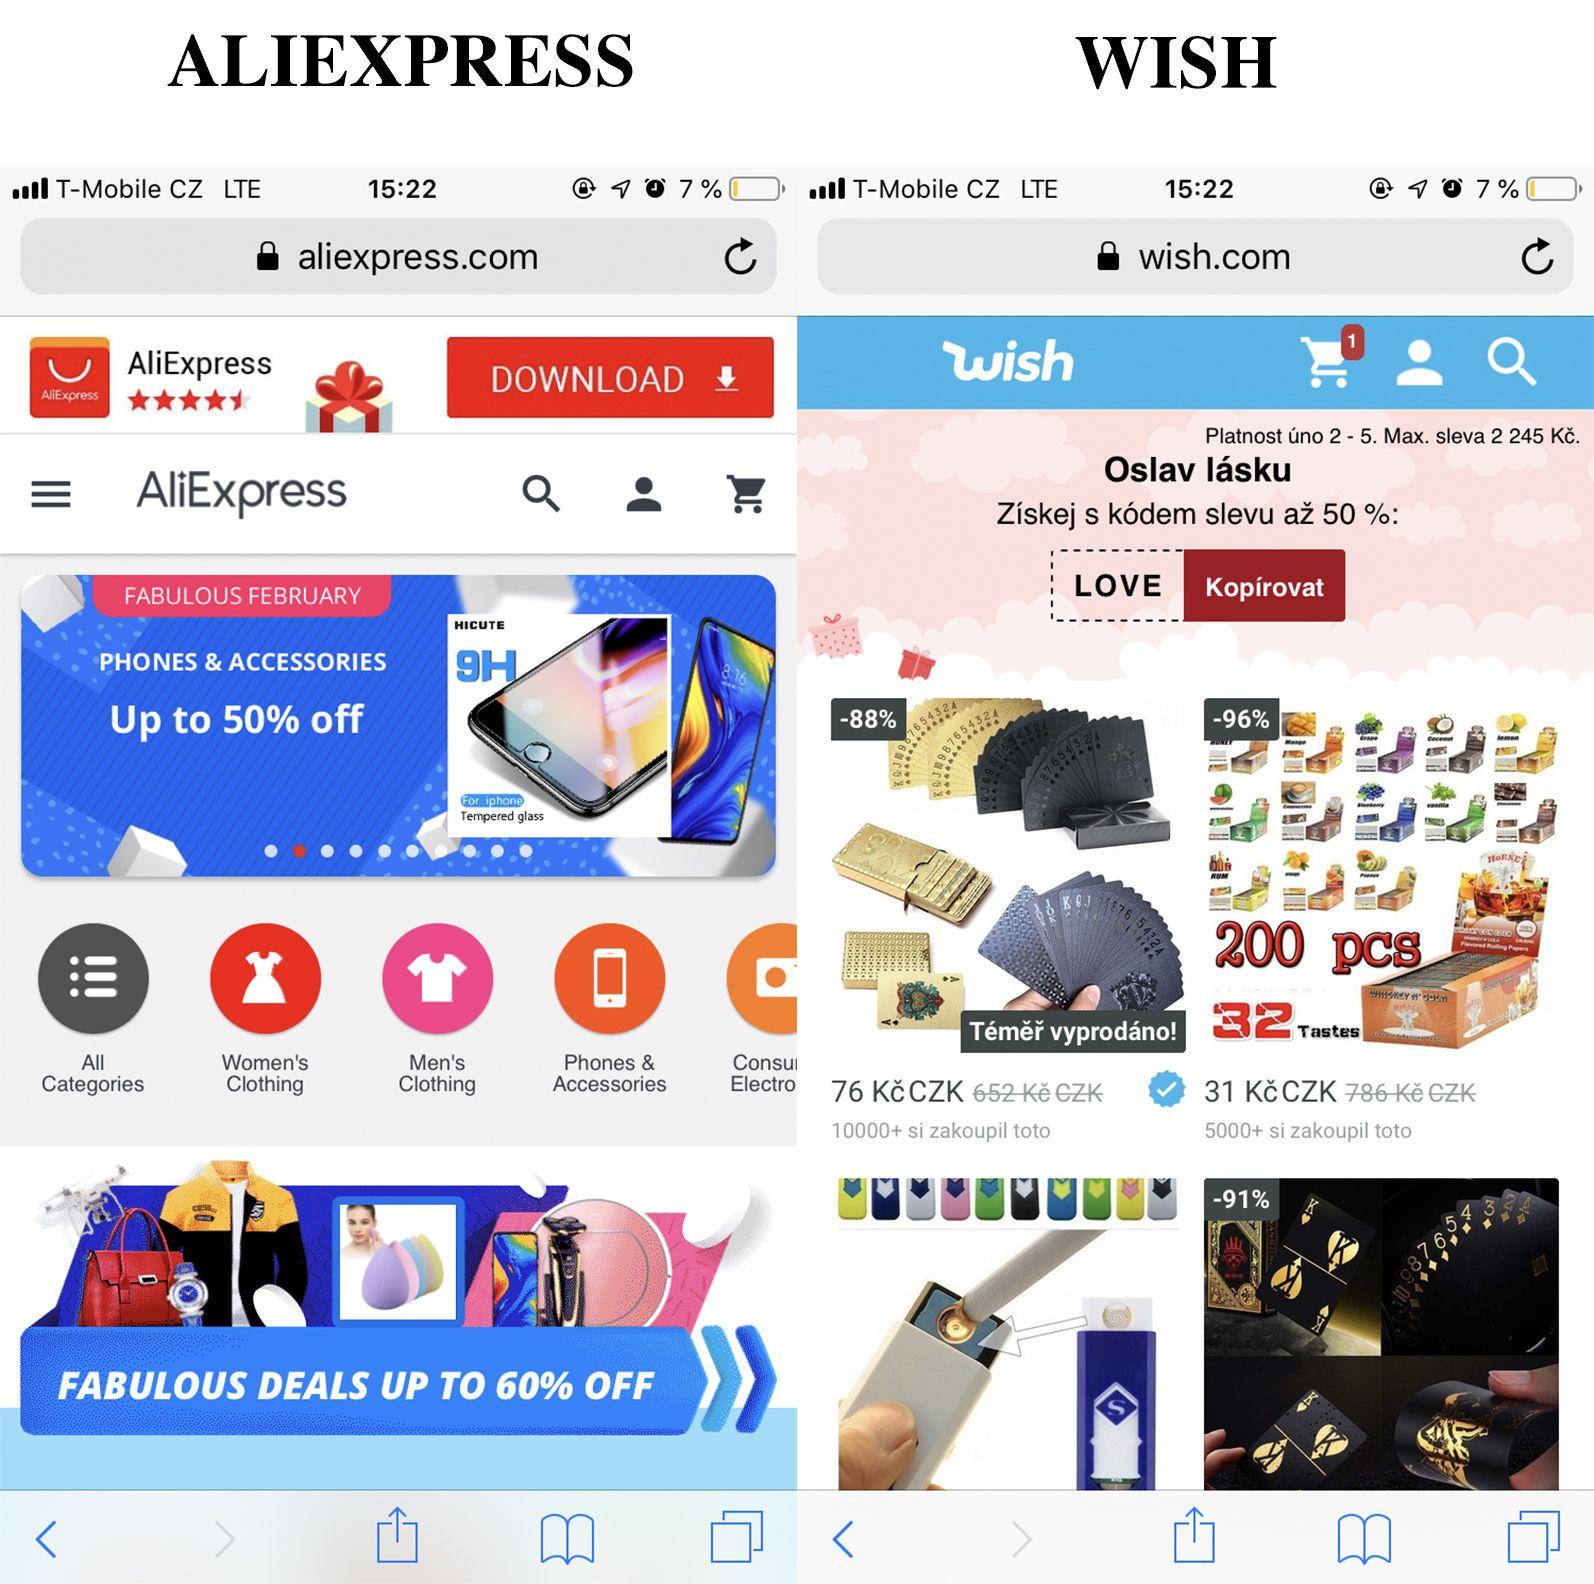 Je lepší Ebay, Amazon nebo Aliexpress? Srovnali jsme nejoblíbenější zahraniční e-shopy